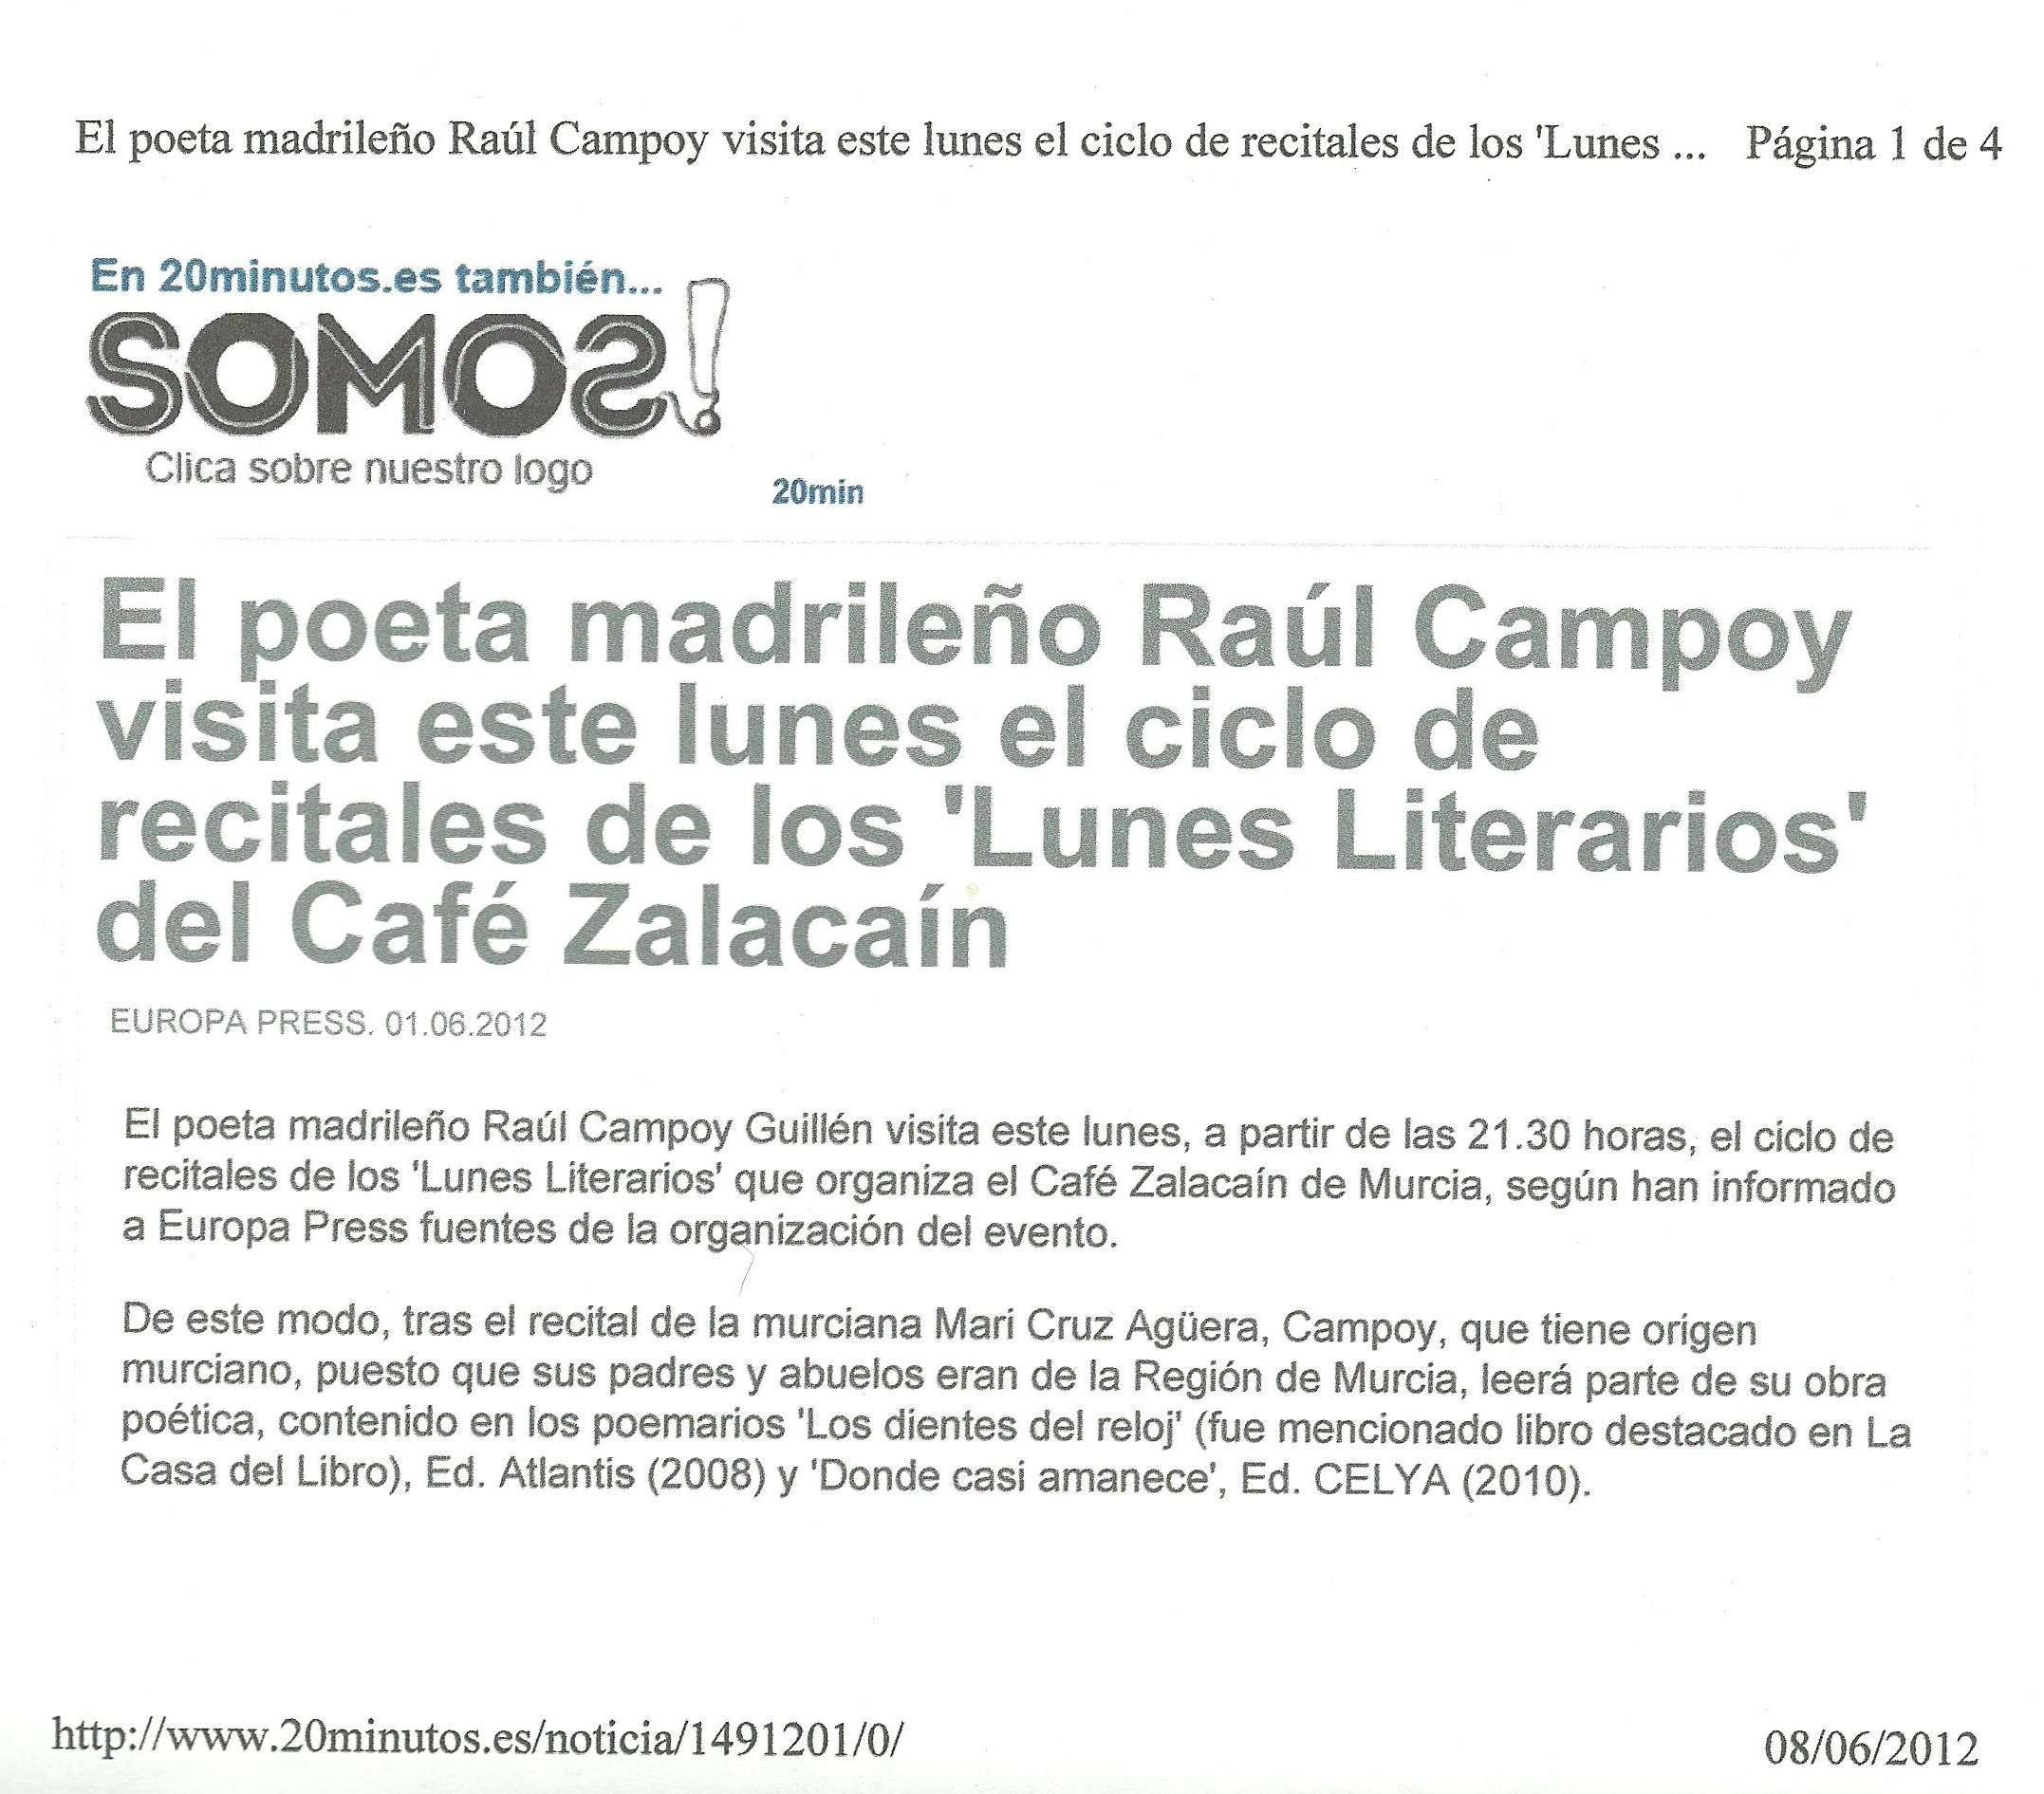 20 minutos : Los 'Lunes Literarios' del Café Zalacaín.